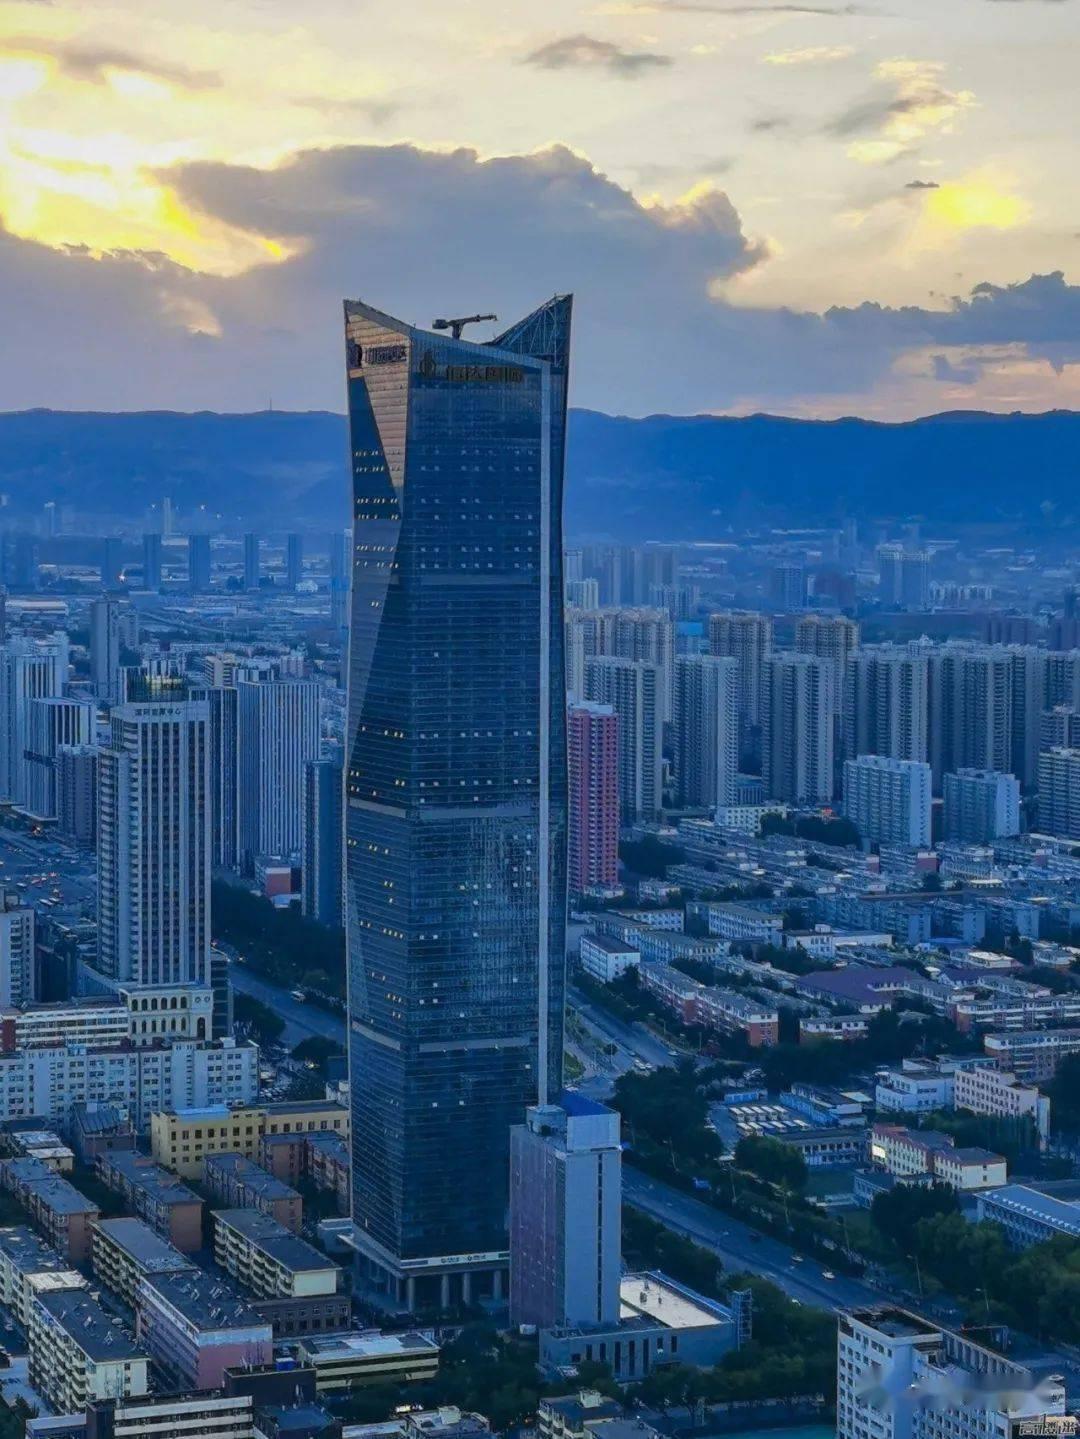 摩天族高楼迷太原 南京摩天汉